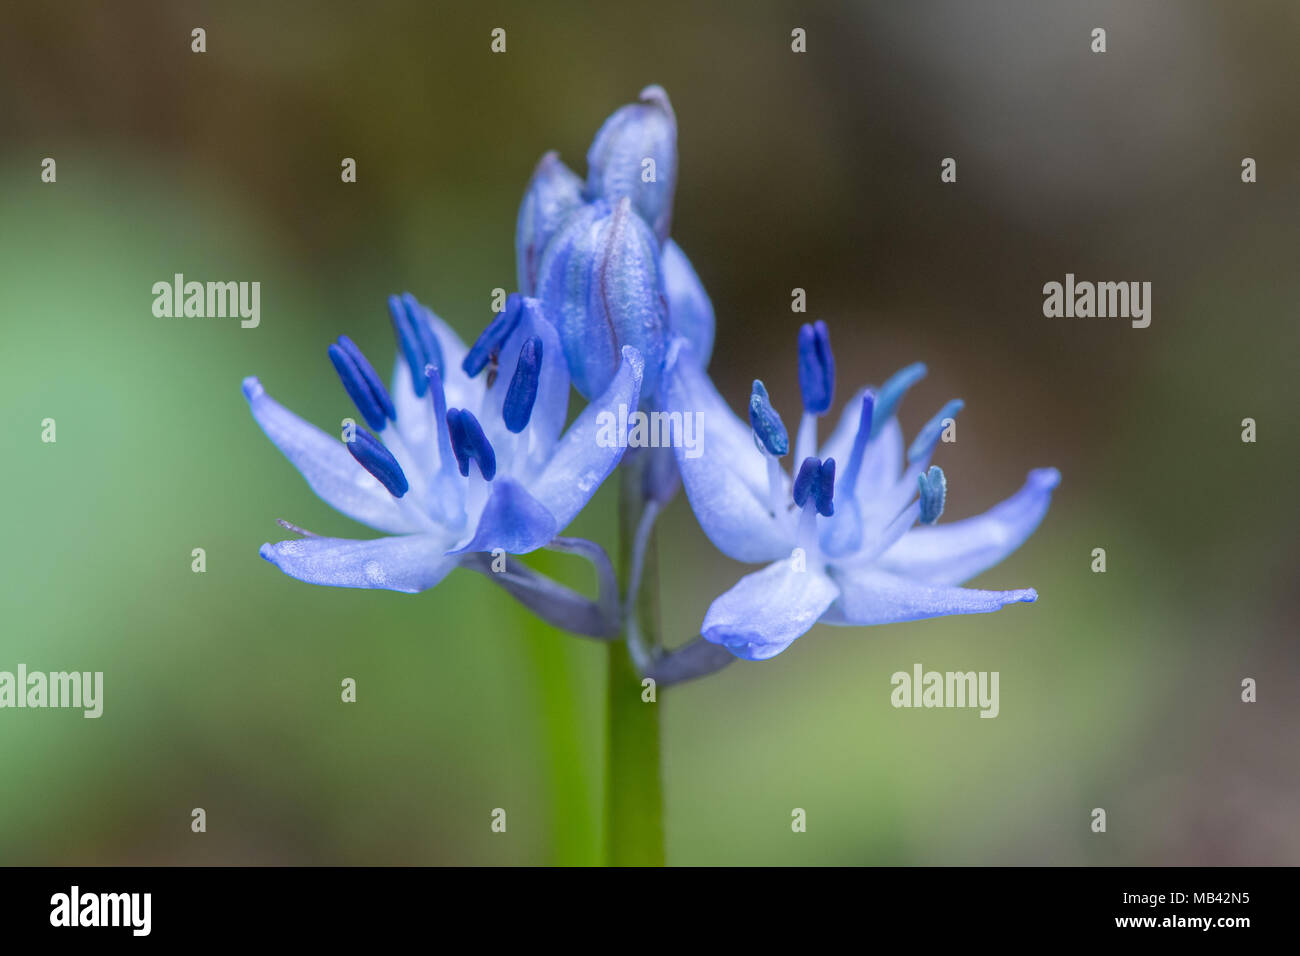 Blumen von Scilla sp. angezeigt blau Staubbeuteln. Frühling - blühende Glühbirne in der Familie Asparagaceae, blühen in Badewanne Botanische Gärten Stockbild